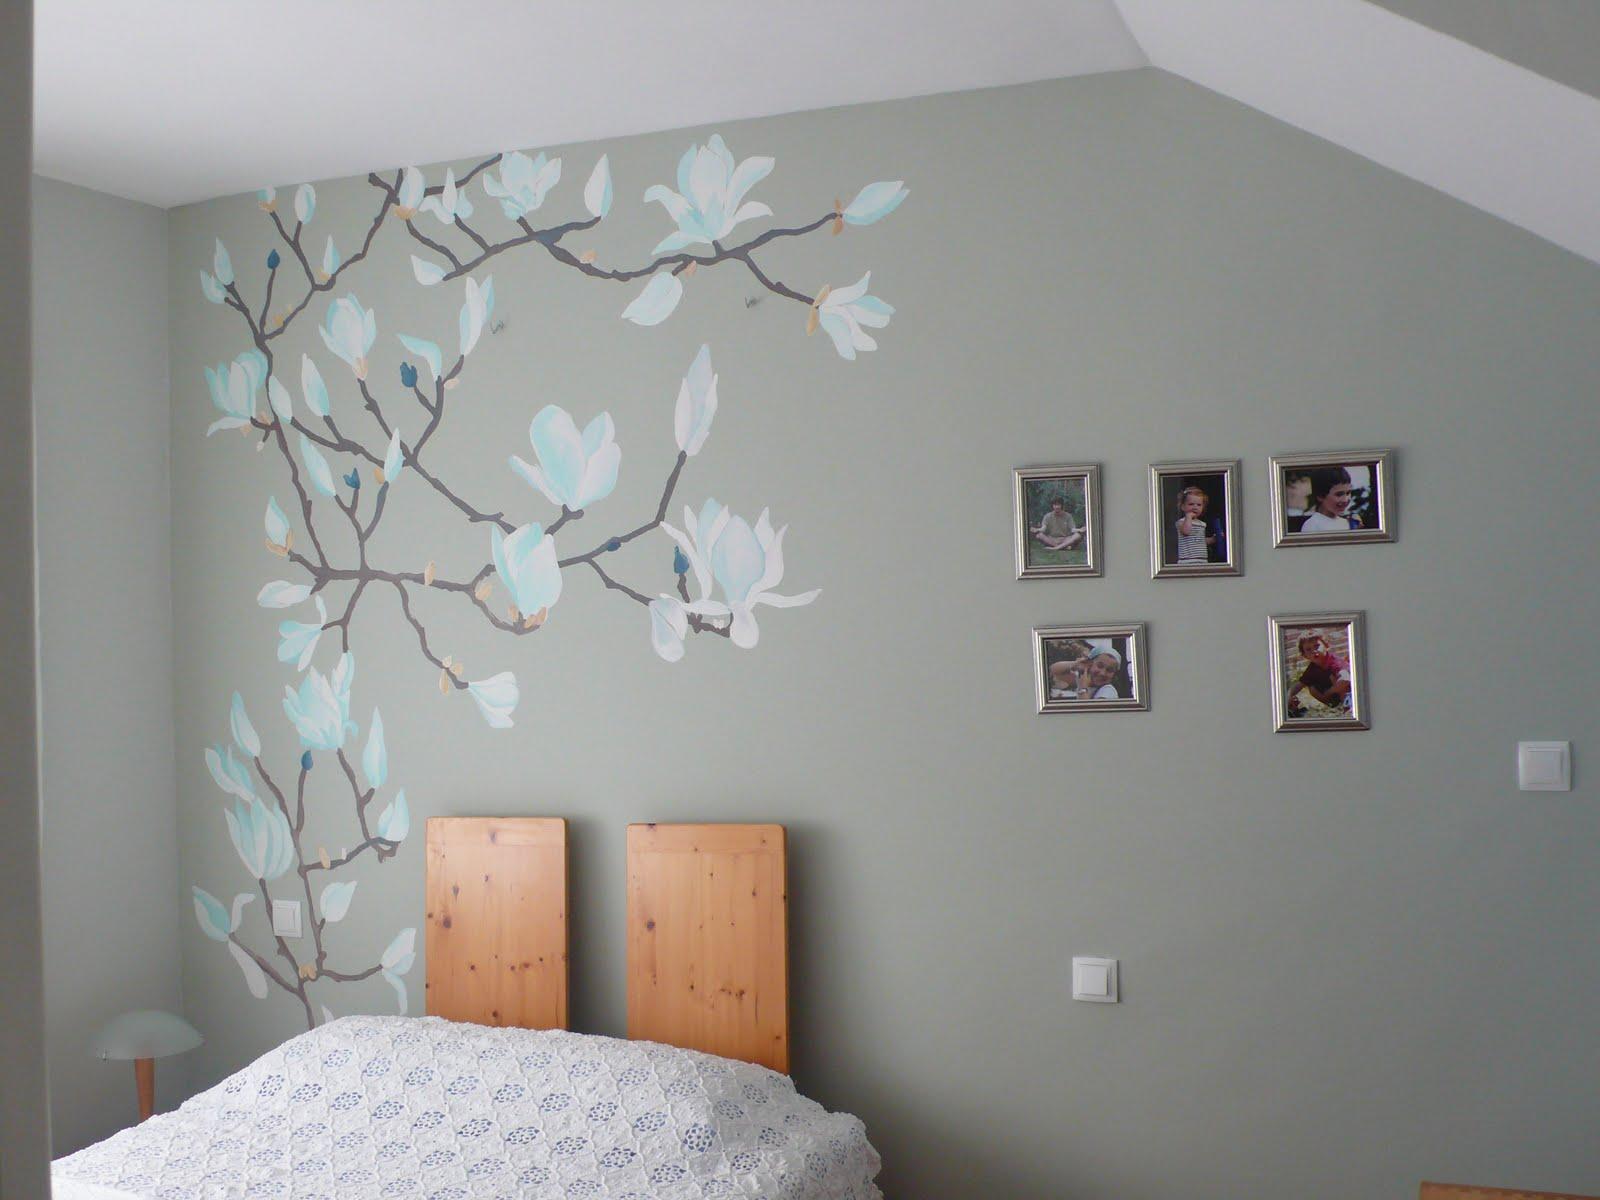 Celia antruejo pintura mural en estado puro - Murales en habitaciones ...